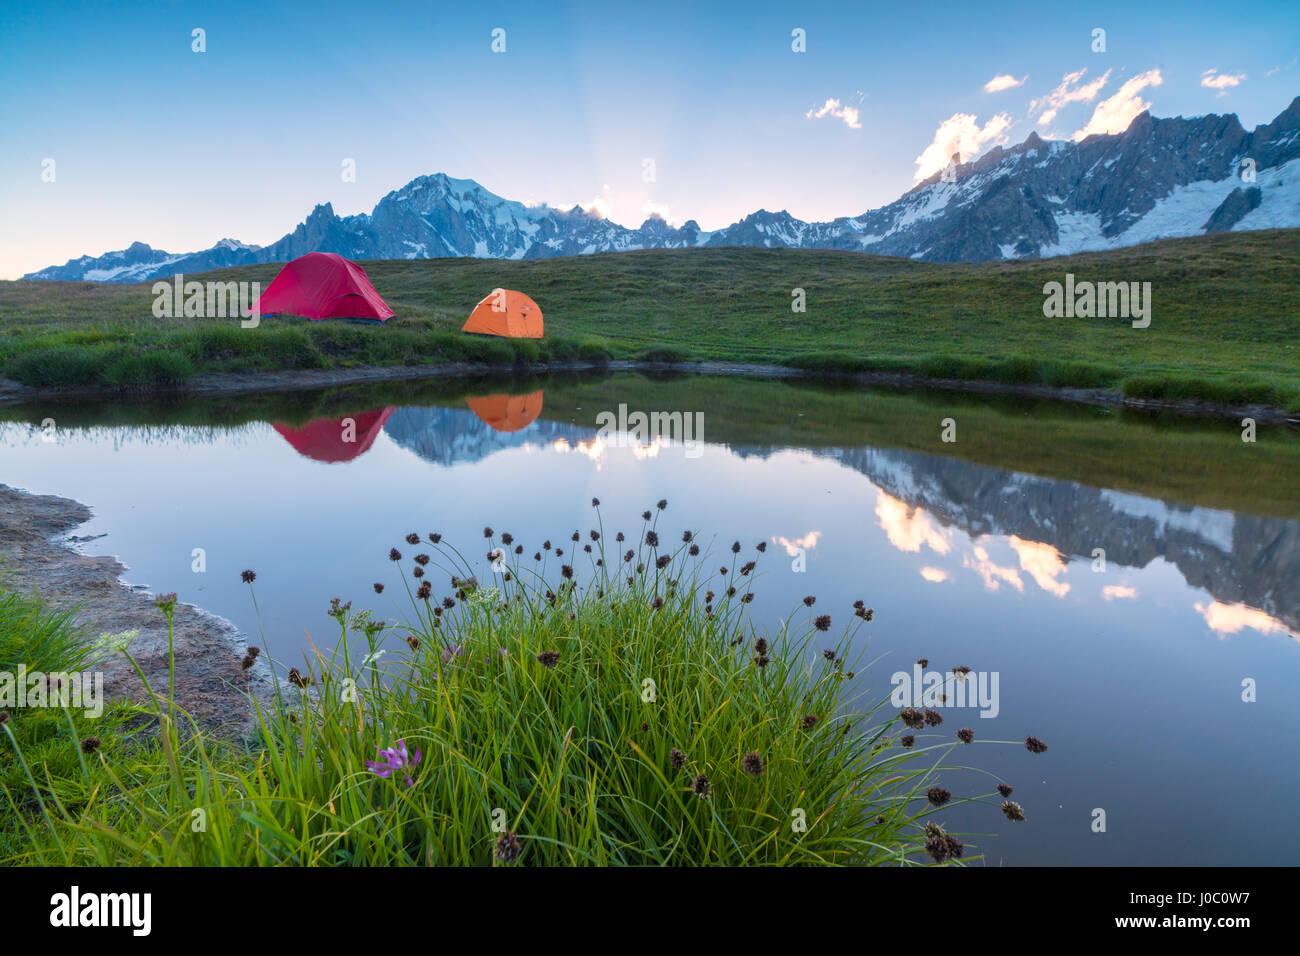 Tiendas de campaña en las verdes praderas rodeadas de flores y lago alpino, el Mont De La Saxe, Courmayeur, Imagen De Stock